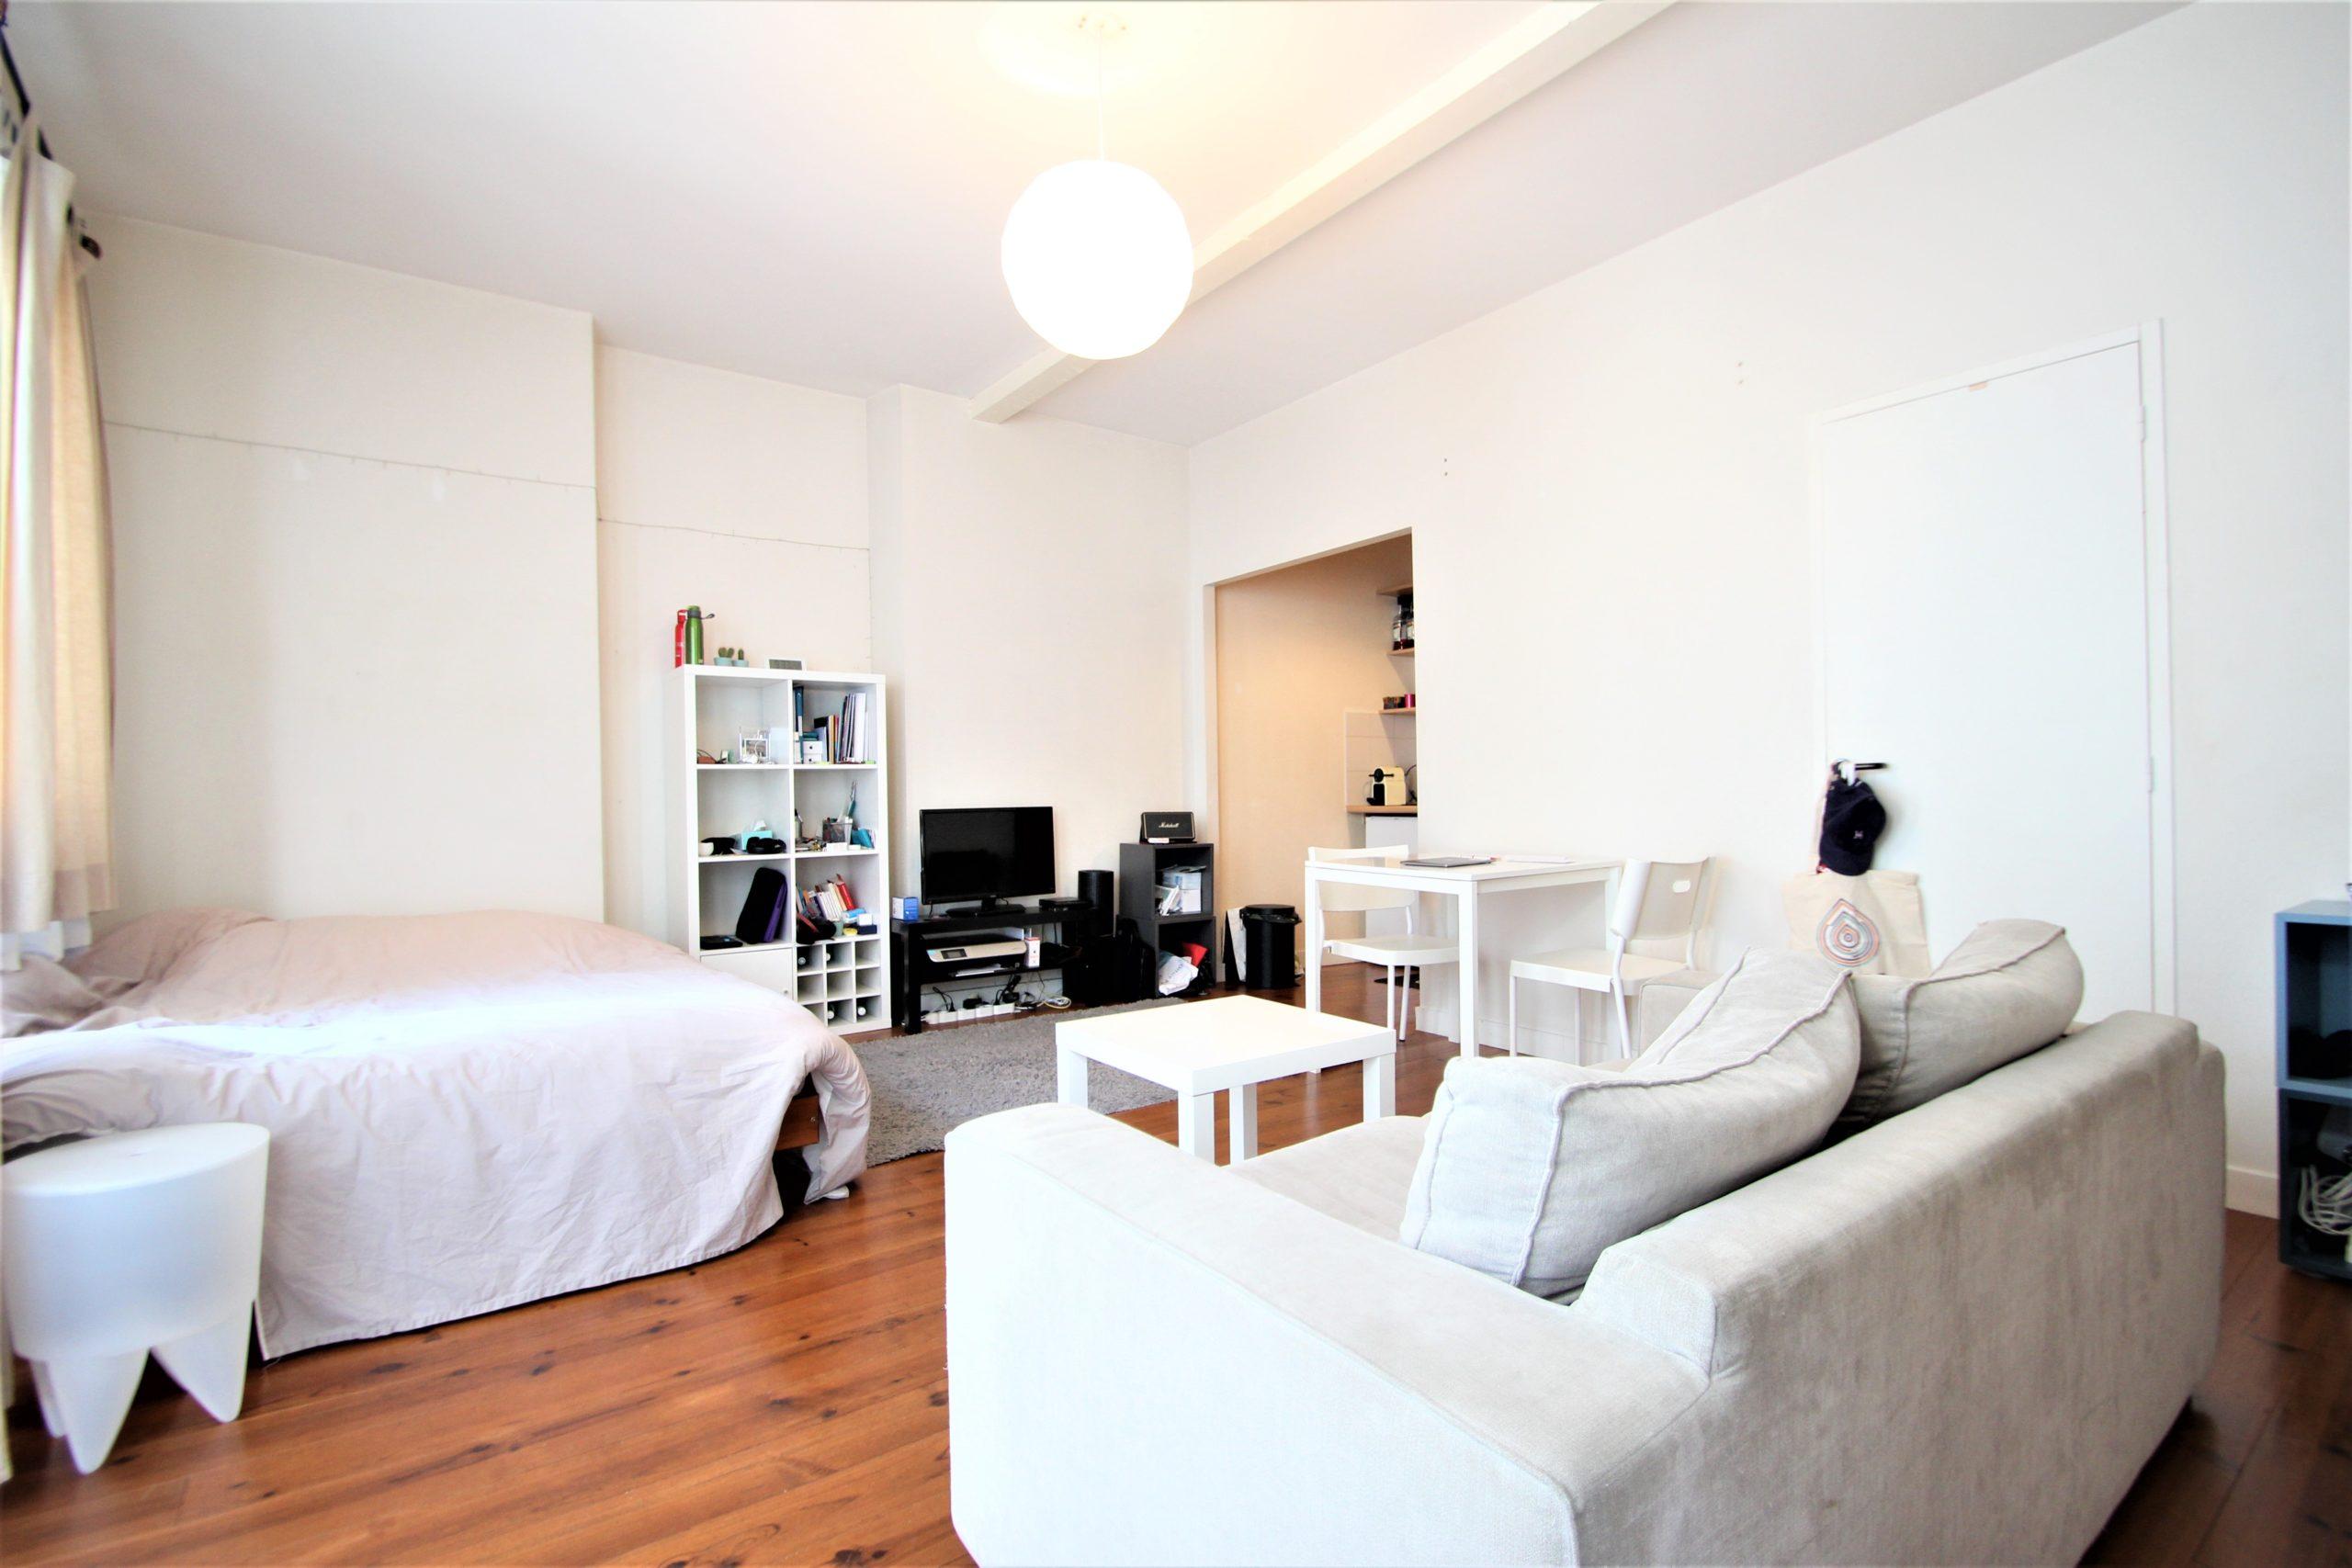 Bel appartement lumineux en plein cœur de Bordeaux